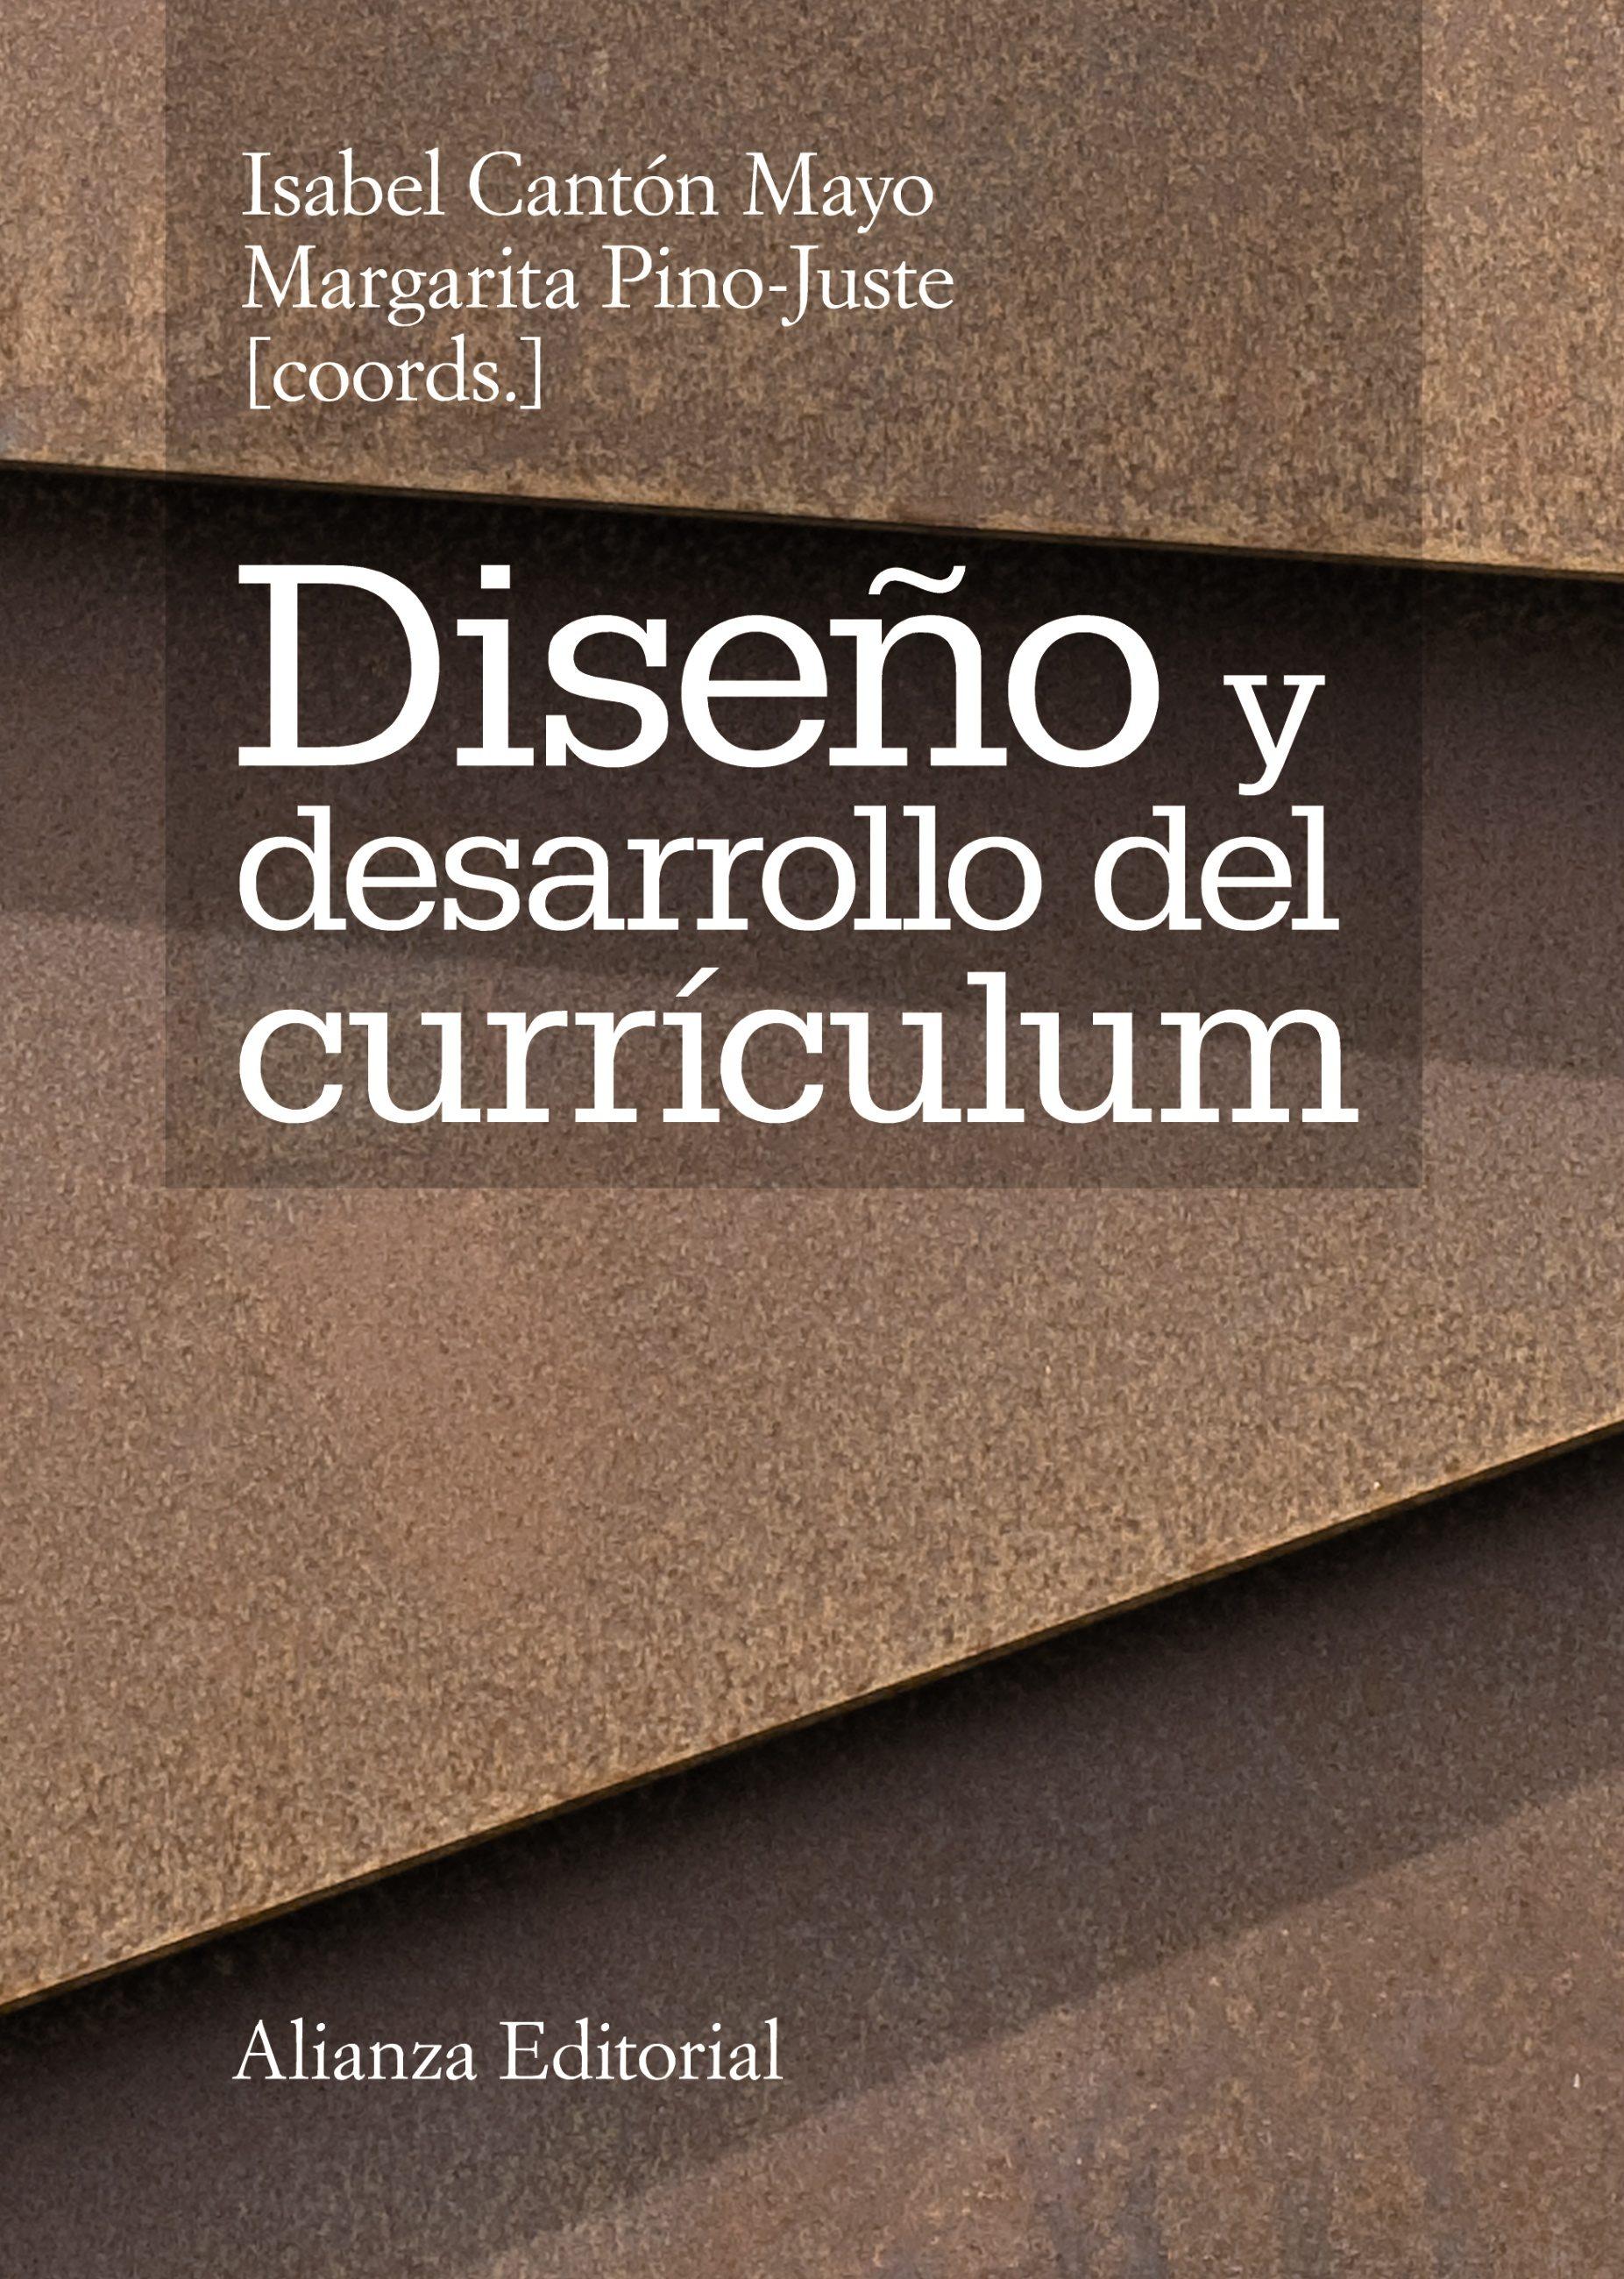 Diseño Y Desarrollo Del Currículum   por Isabel Canton Mayo, Margarita (coords.) Pino-juste